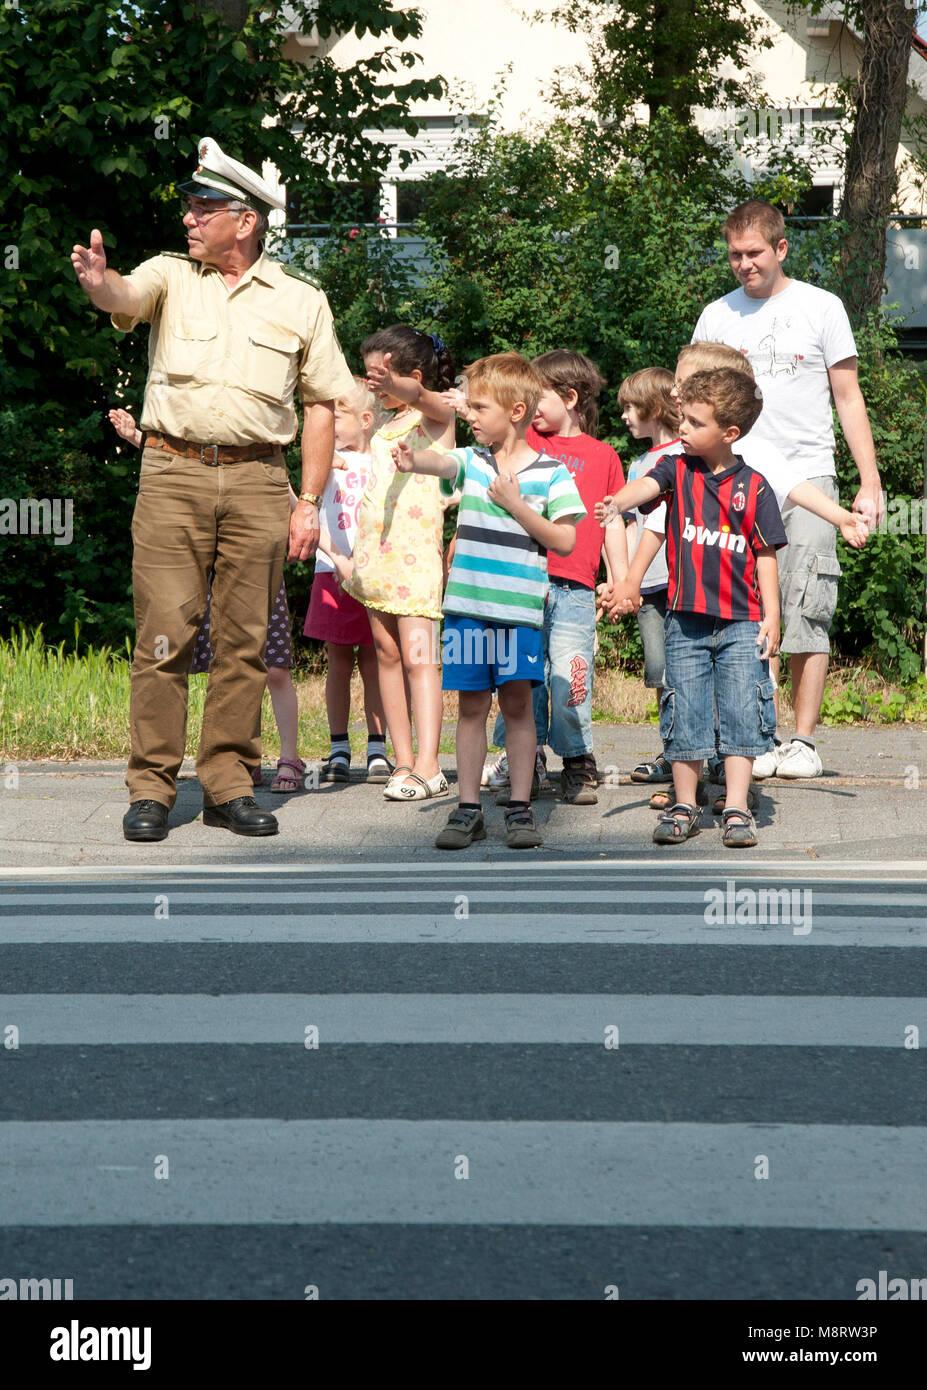 Polizist fürt Kinder über die Strasse. Kinder im Strassenverkehr - Stock Image